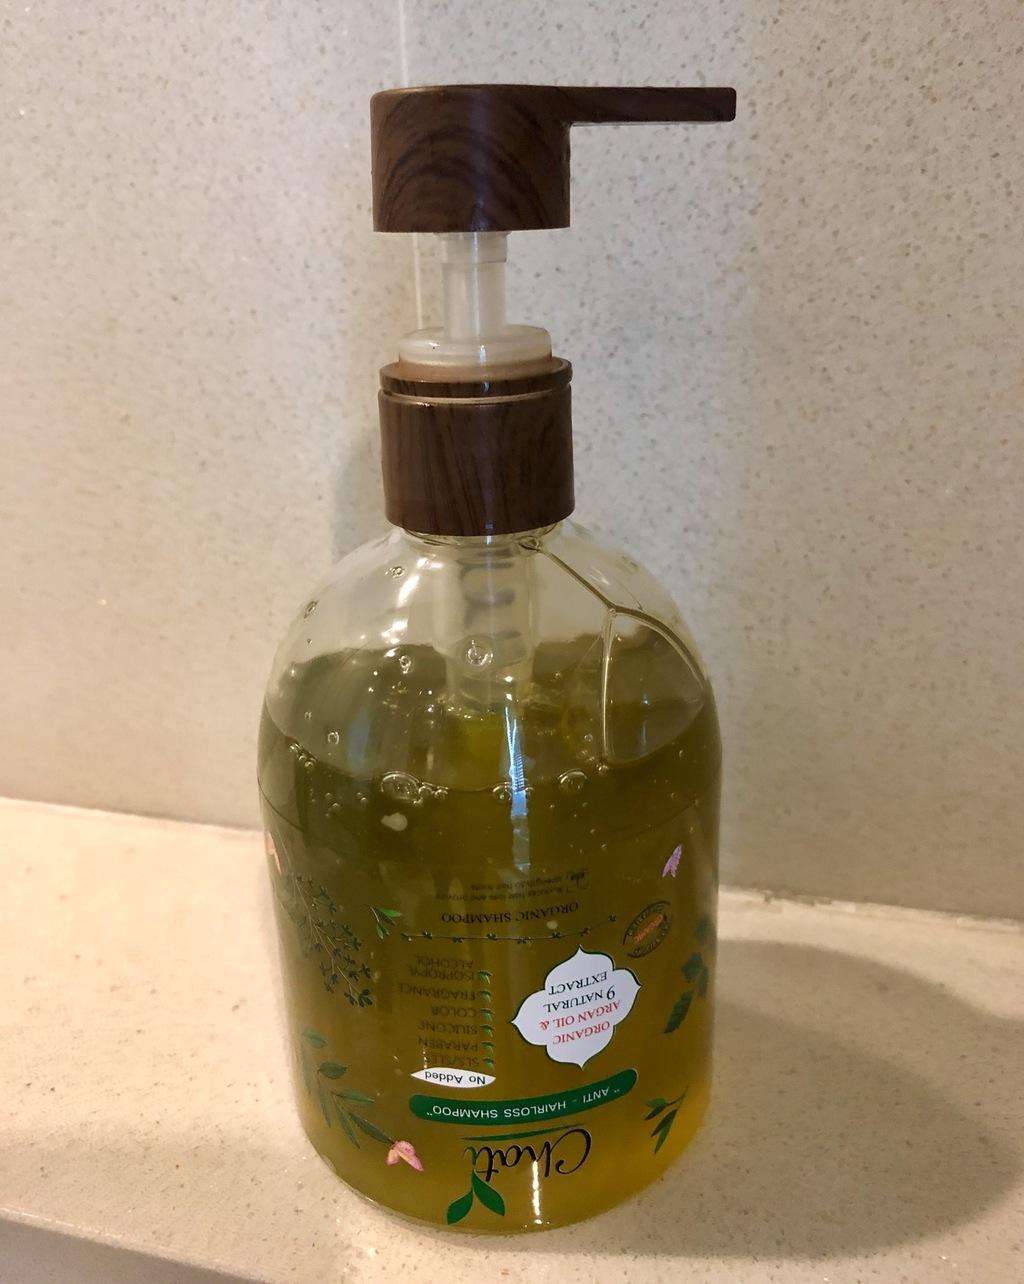 Chati Anti-Hairloss shampoo 300ml ฌาฏิแชมพู ลดผมขาดหลุดร่วง